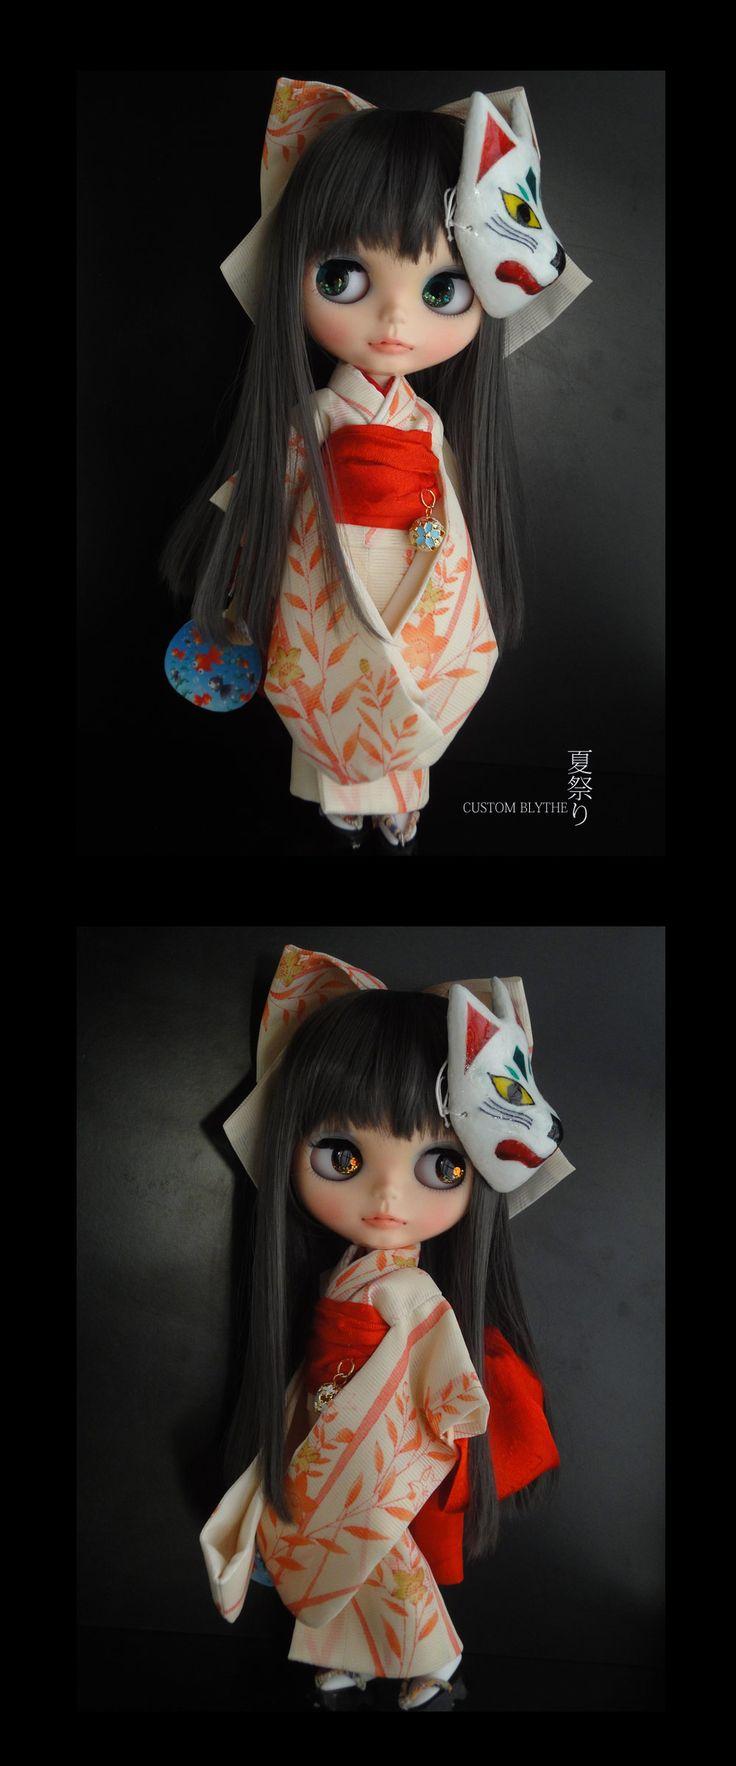 Kyohiroカスタムブライス☆正絹赤絵の絽☆夏祭り☆狐のお面♪ - ヤフオク!